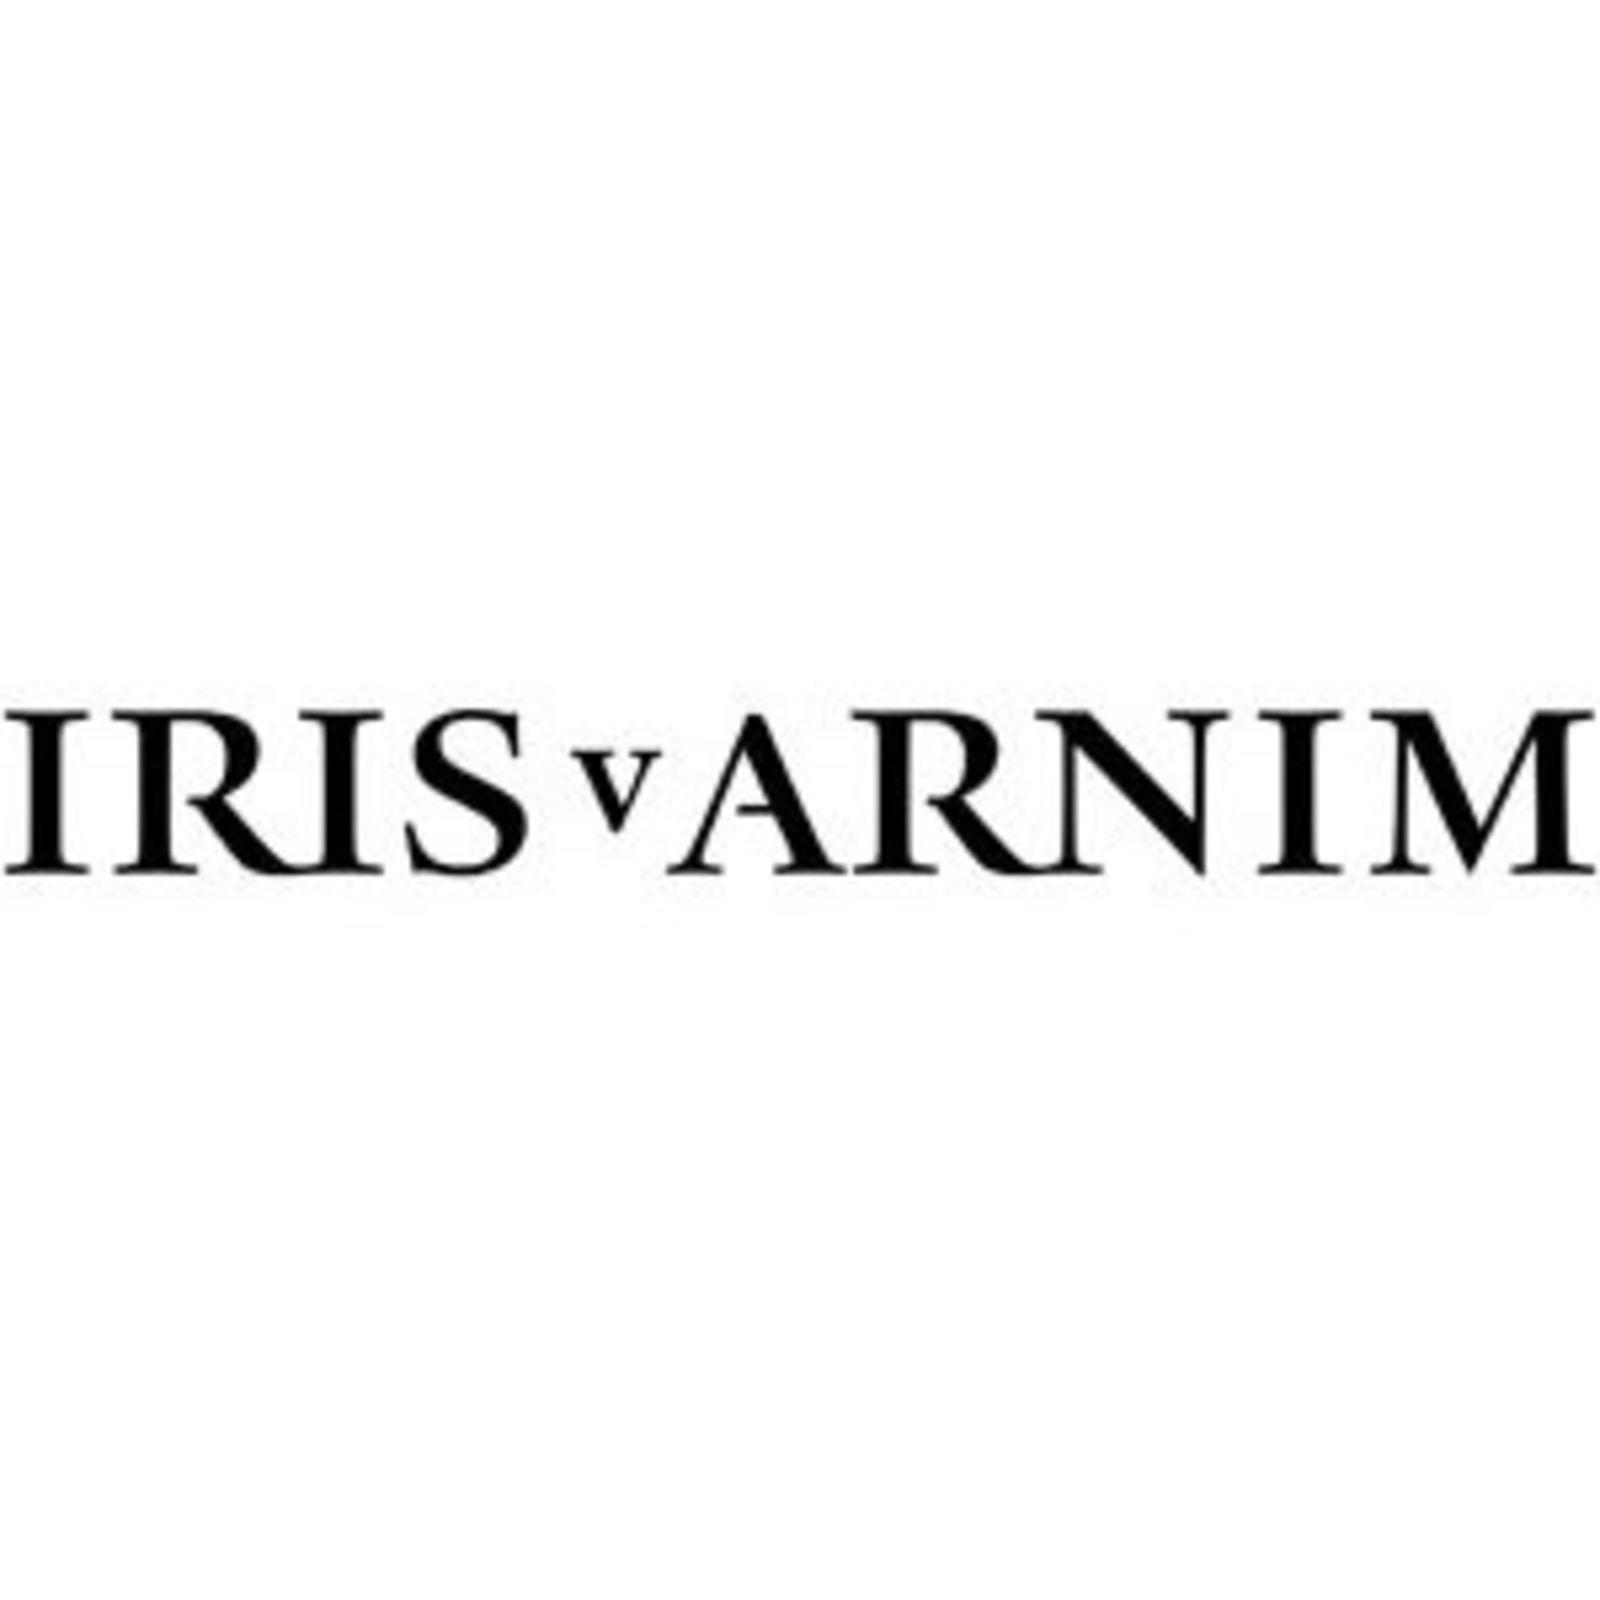 IRIS VON ARNIM (Bild 1)